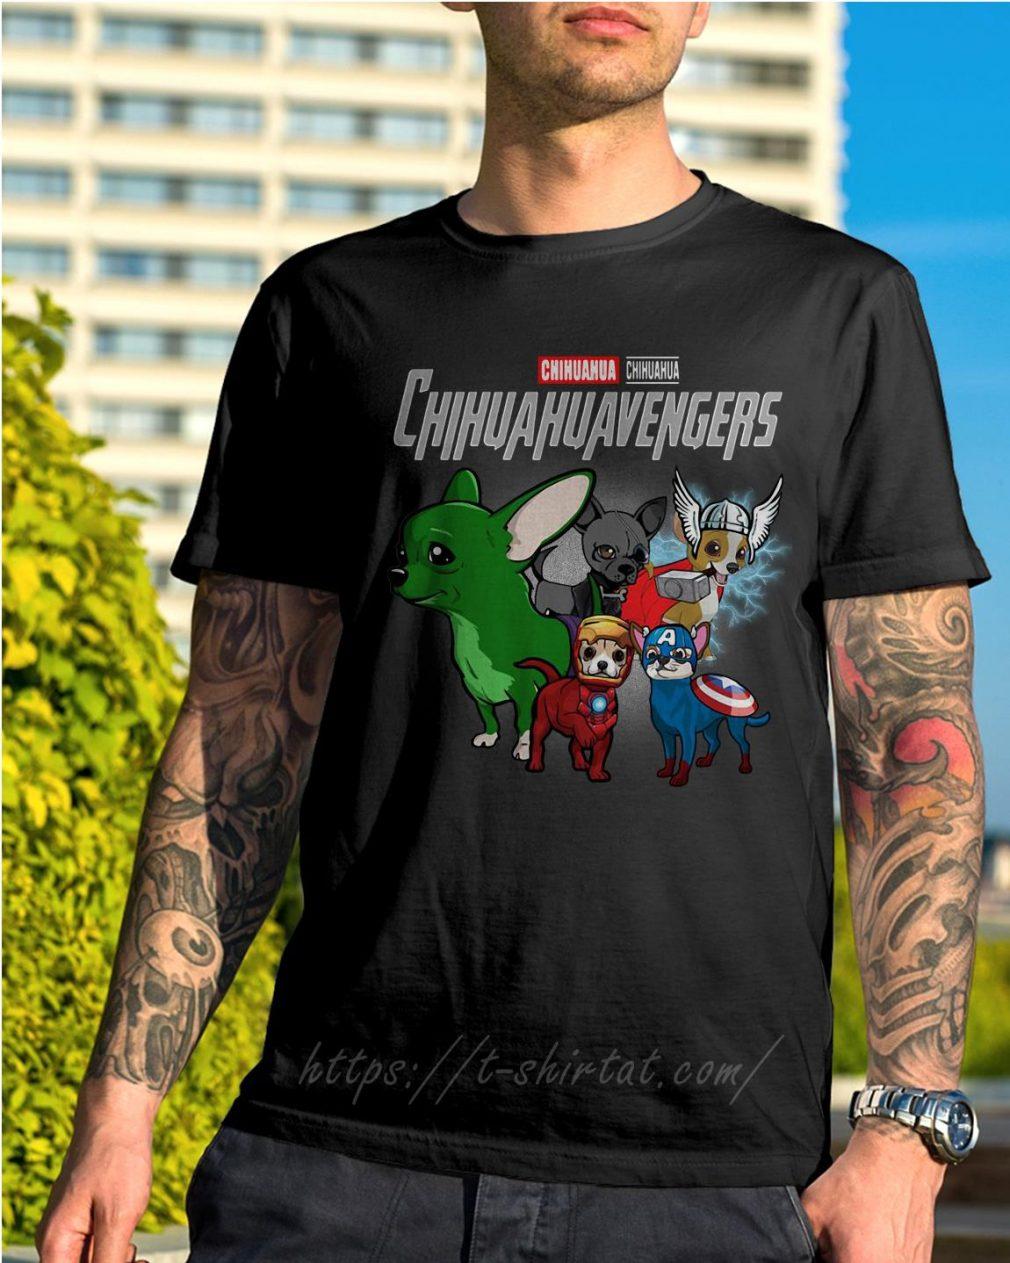 Marvel Chihuahua Chihuahuavengers shirt